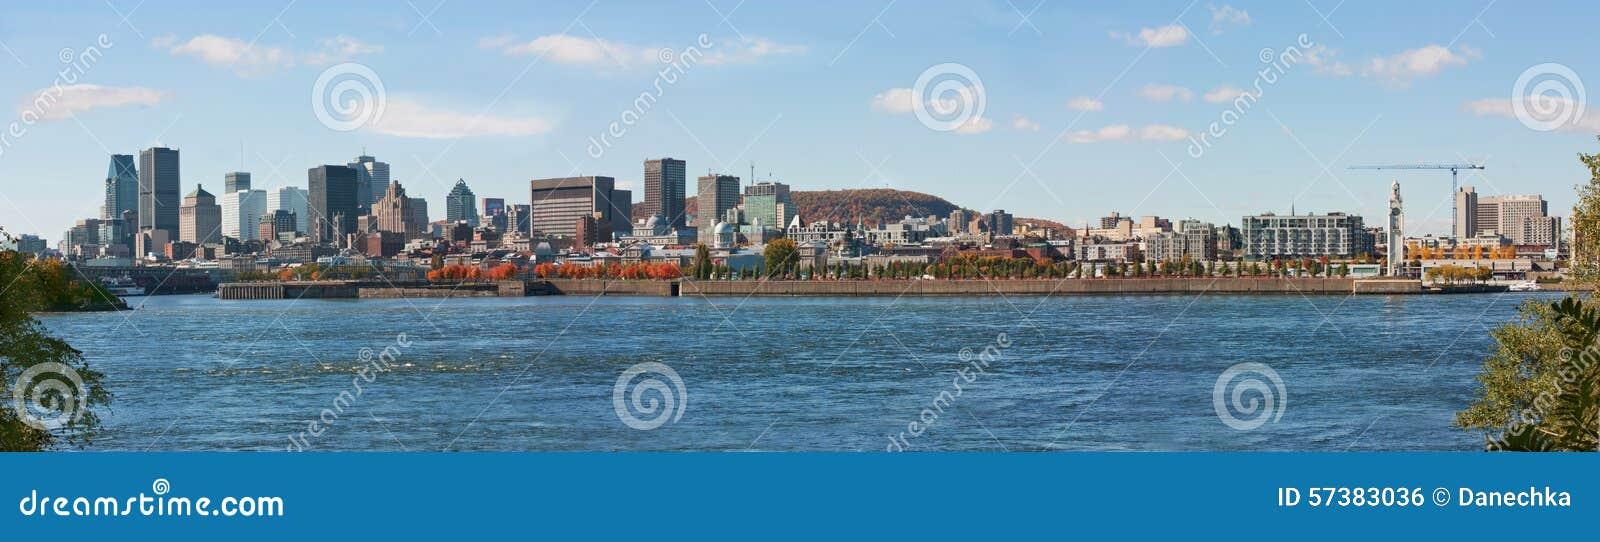 Panorama van Montreal van de binnenstad van het eiland St Helen